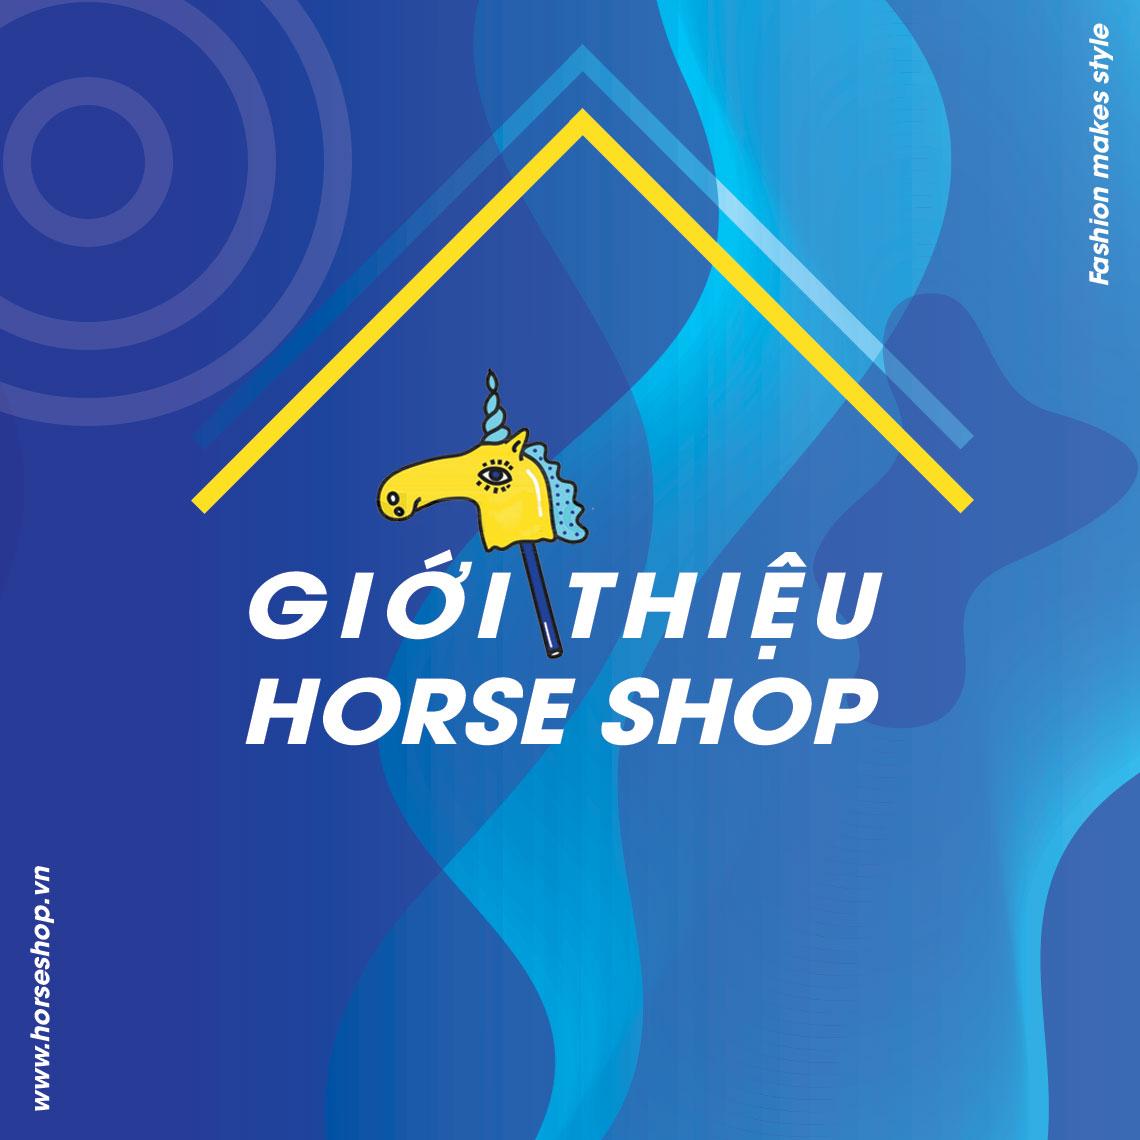 gioi-thieu-1140x1140